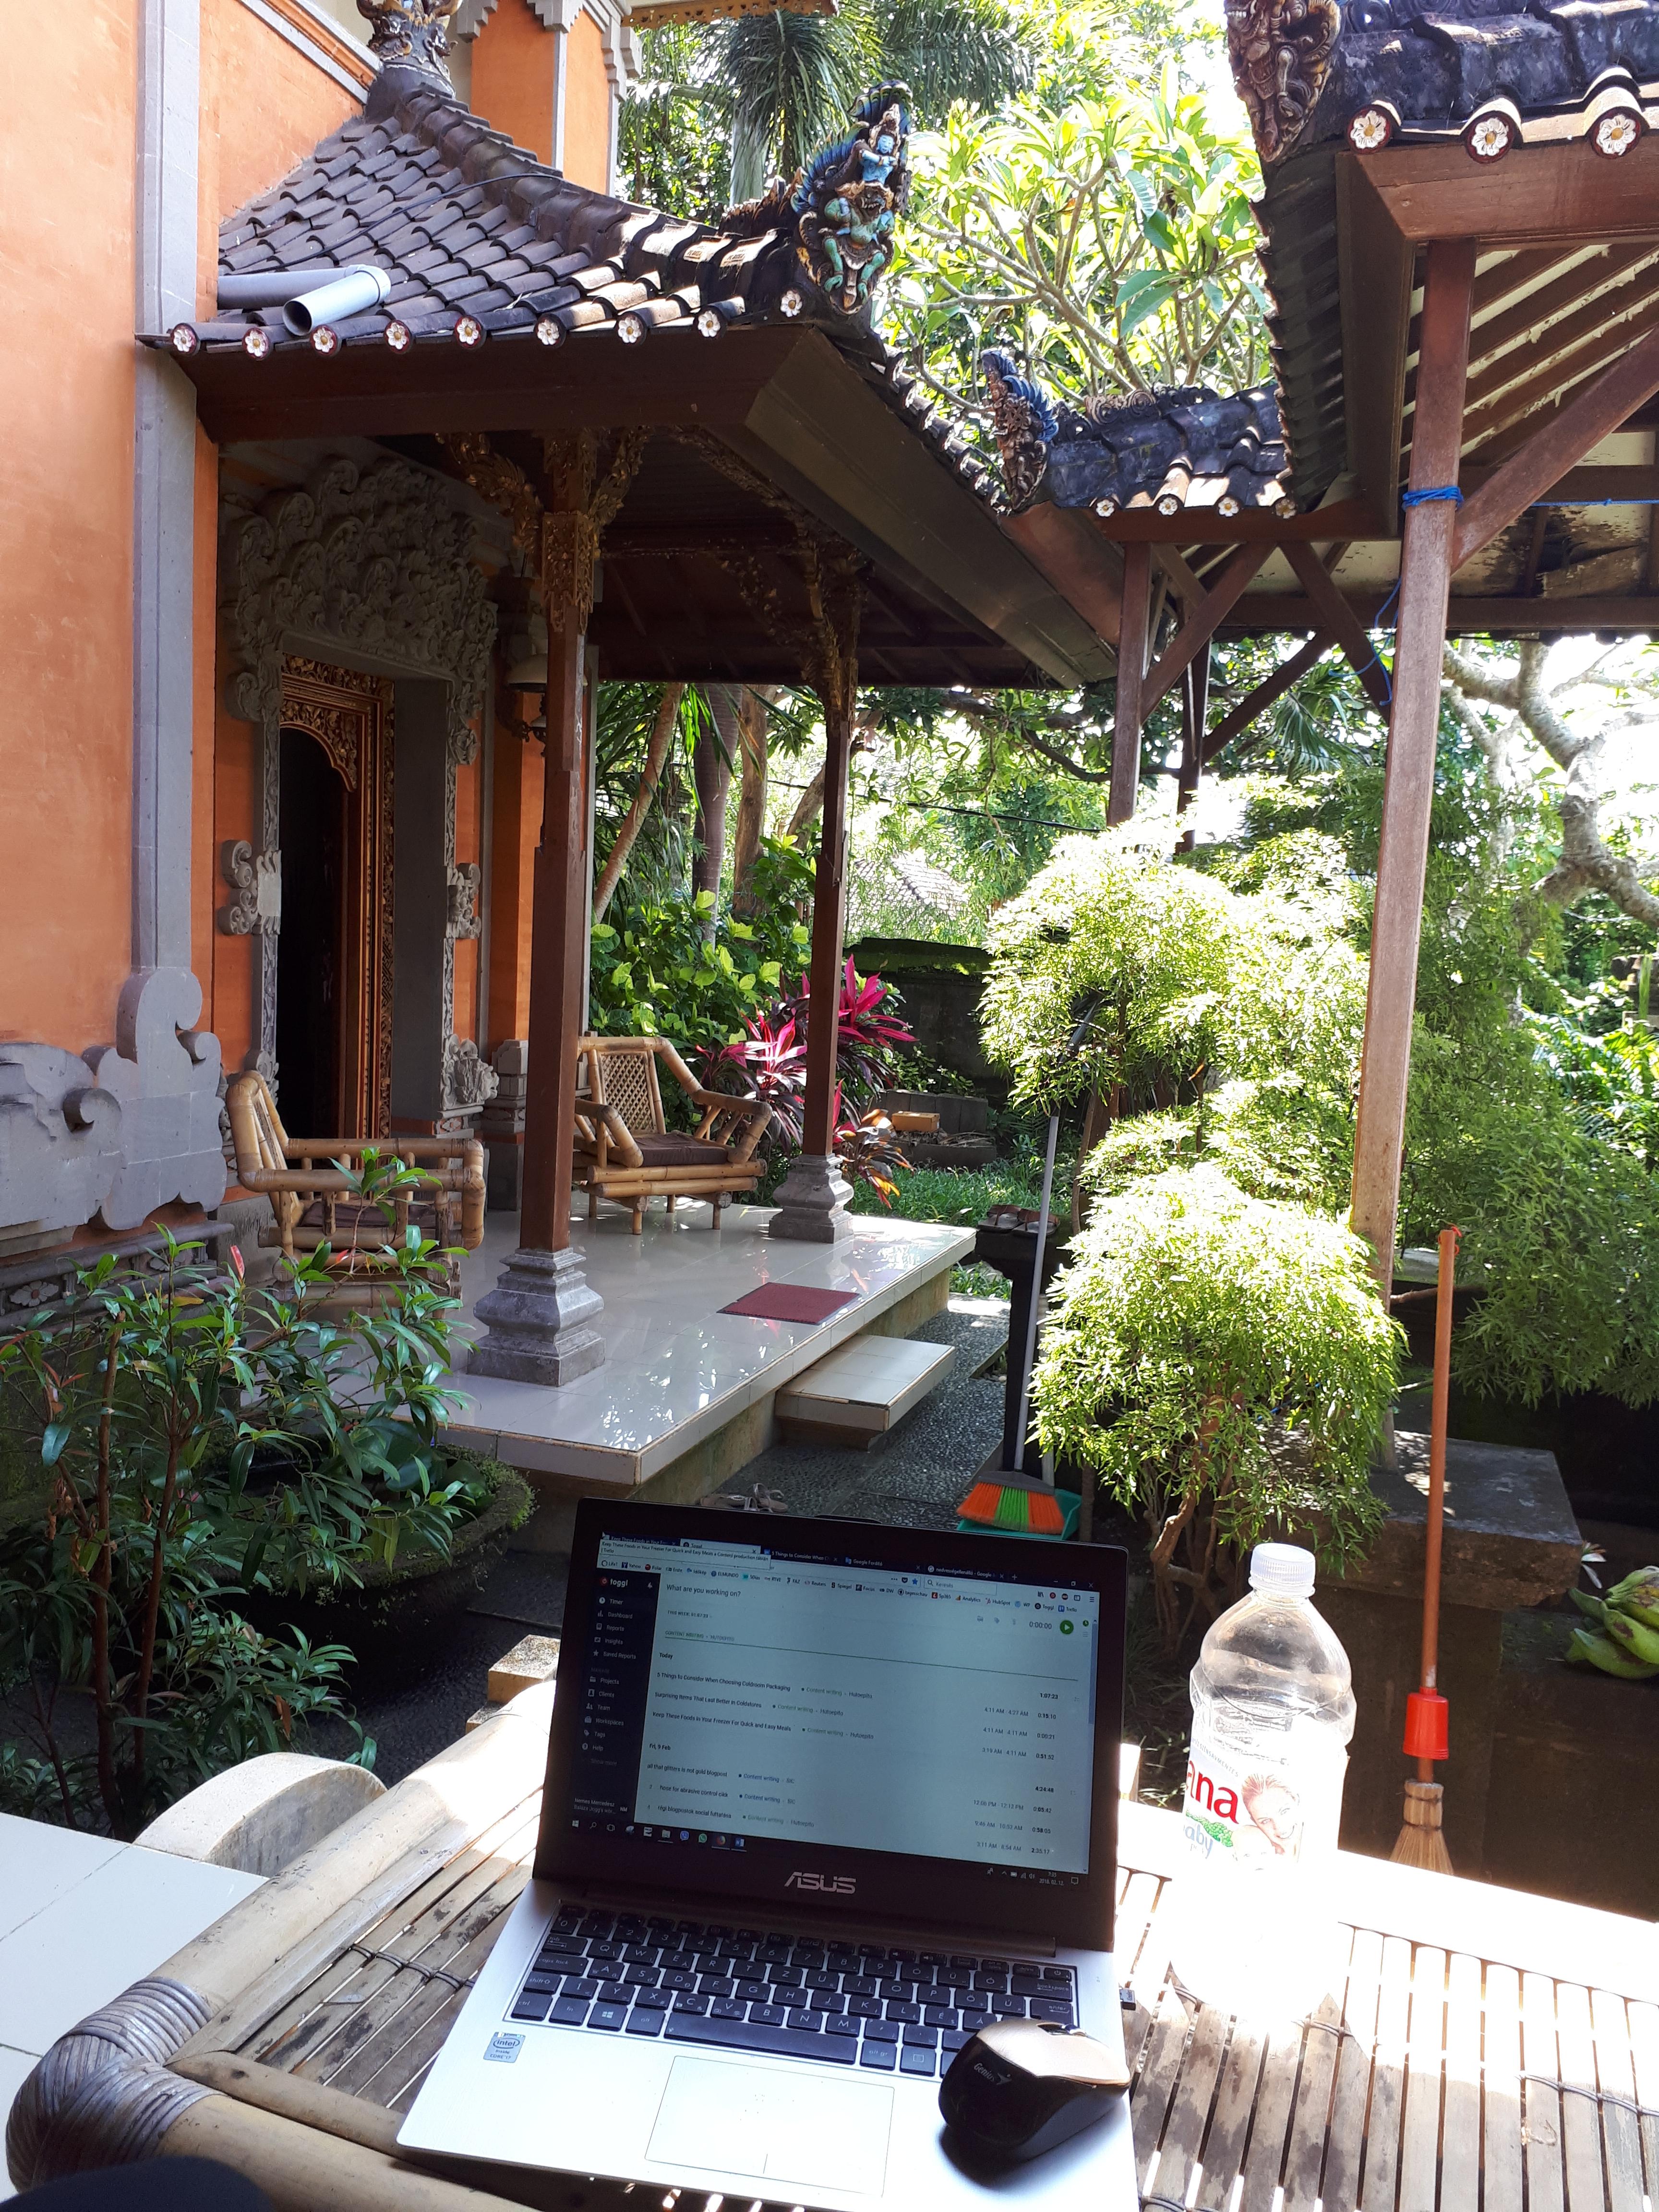 Bubbly in Bali: Főhadiszállásválasztás a szigeten